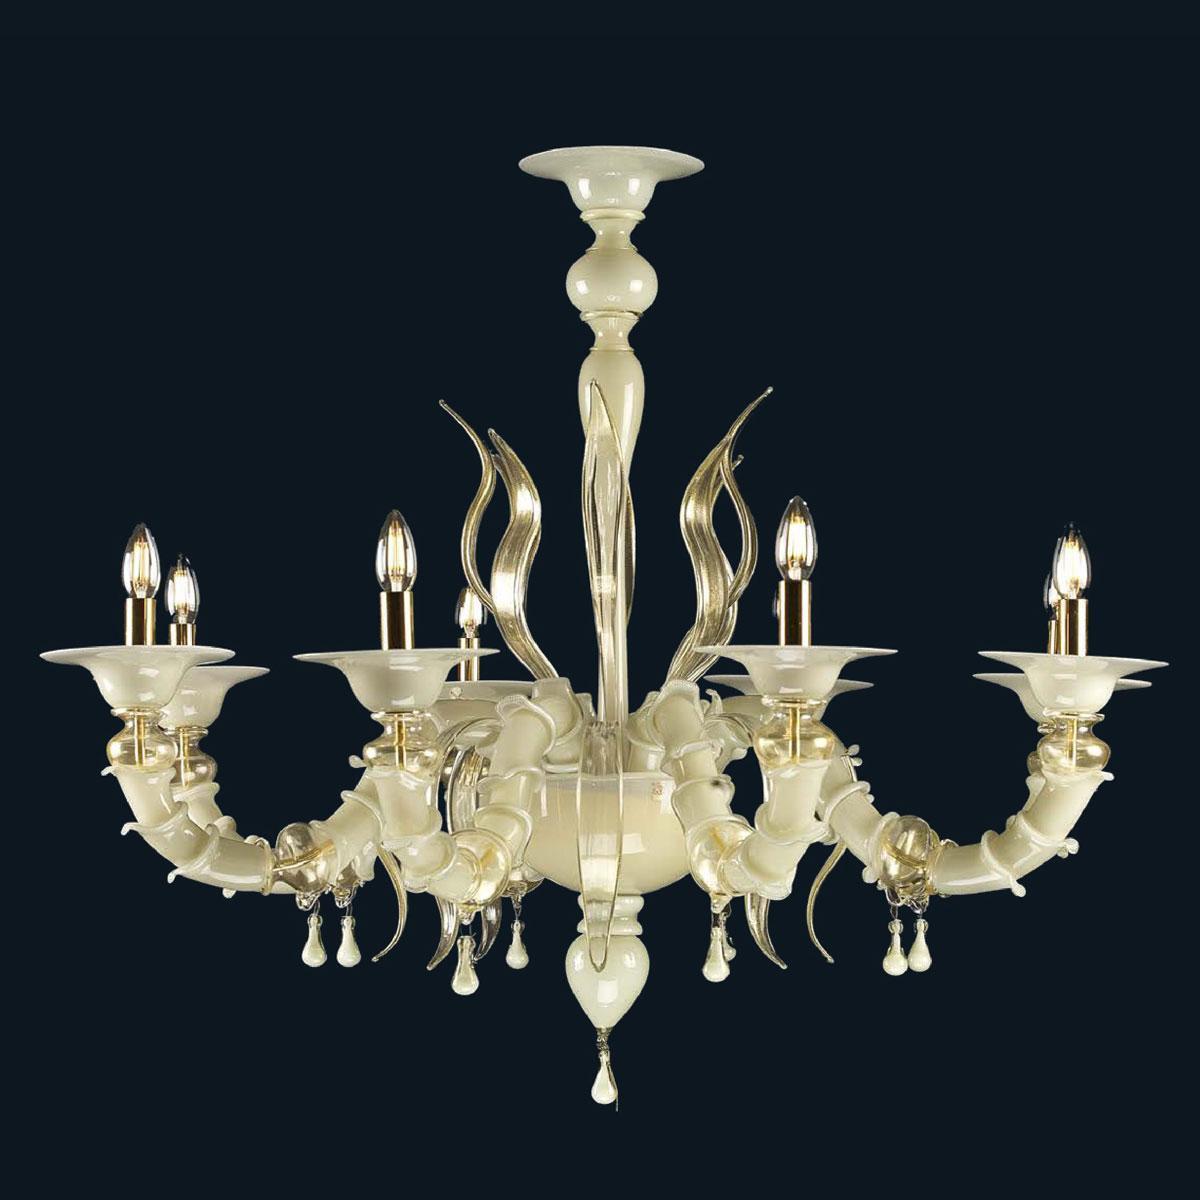 """""""Savanna"""" lampara de araña de Murano - 8 luces - blanco"""